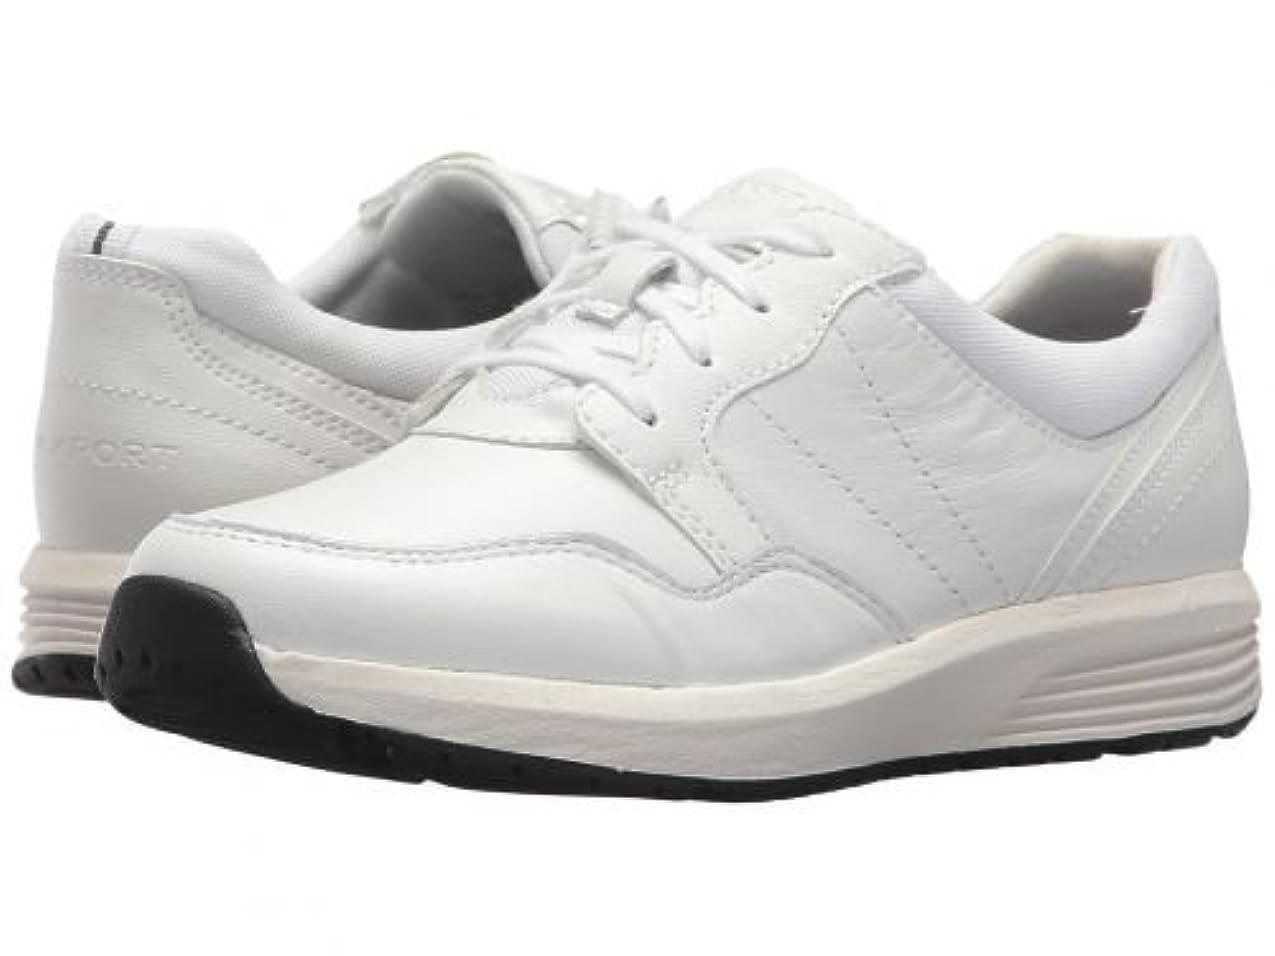 ダイジェストホバー時期尚早Rockport(ロックポート) レディース 女性用 シューズ 靴 スニーカー 運動靴 Trustride Tie - White [並行輸入品]